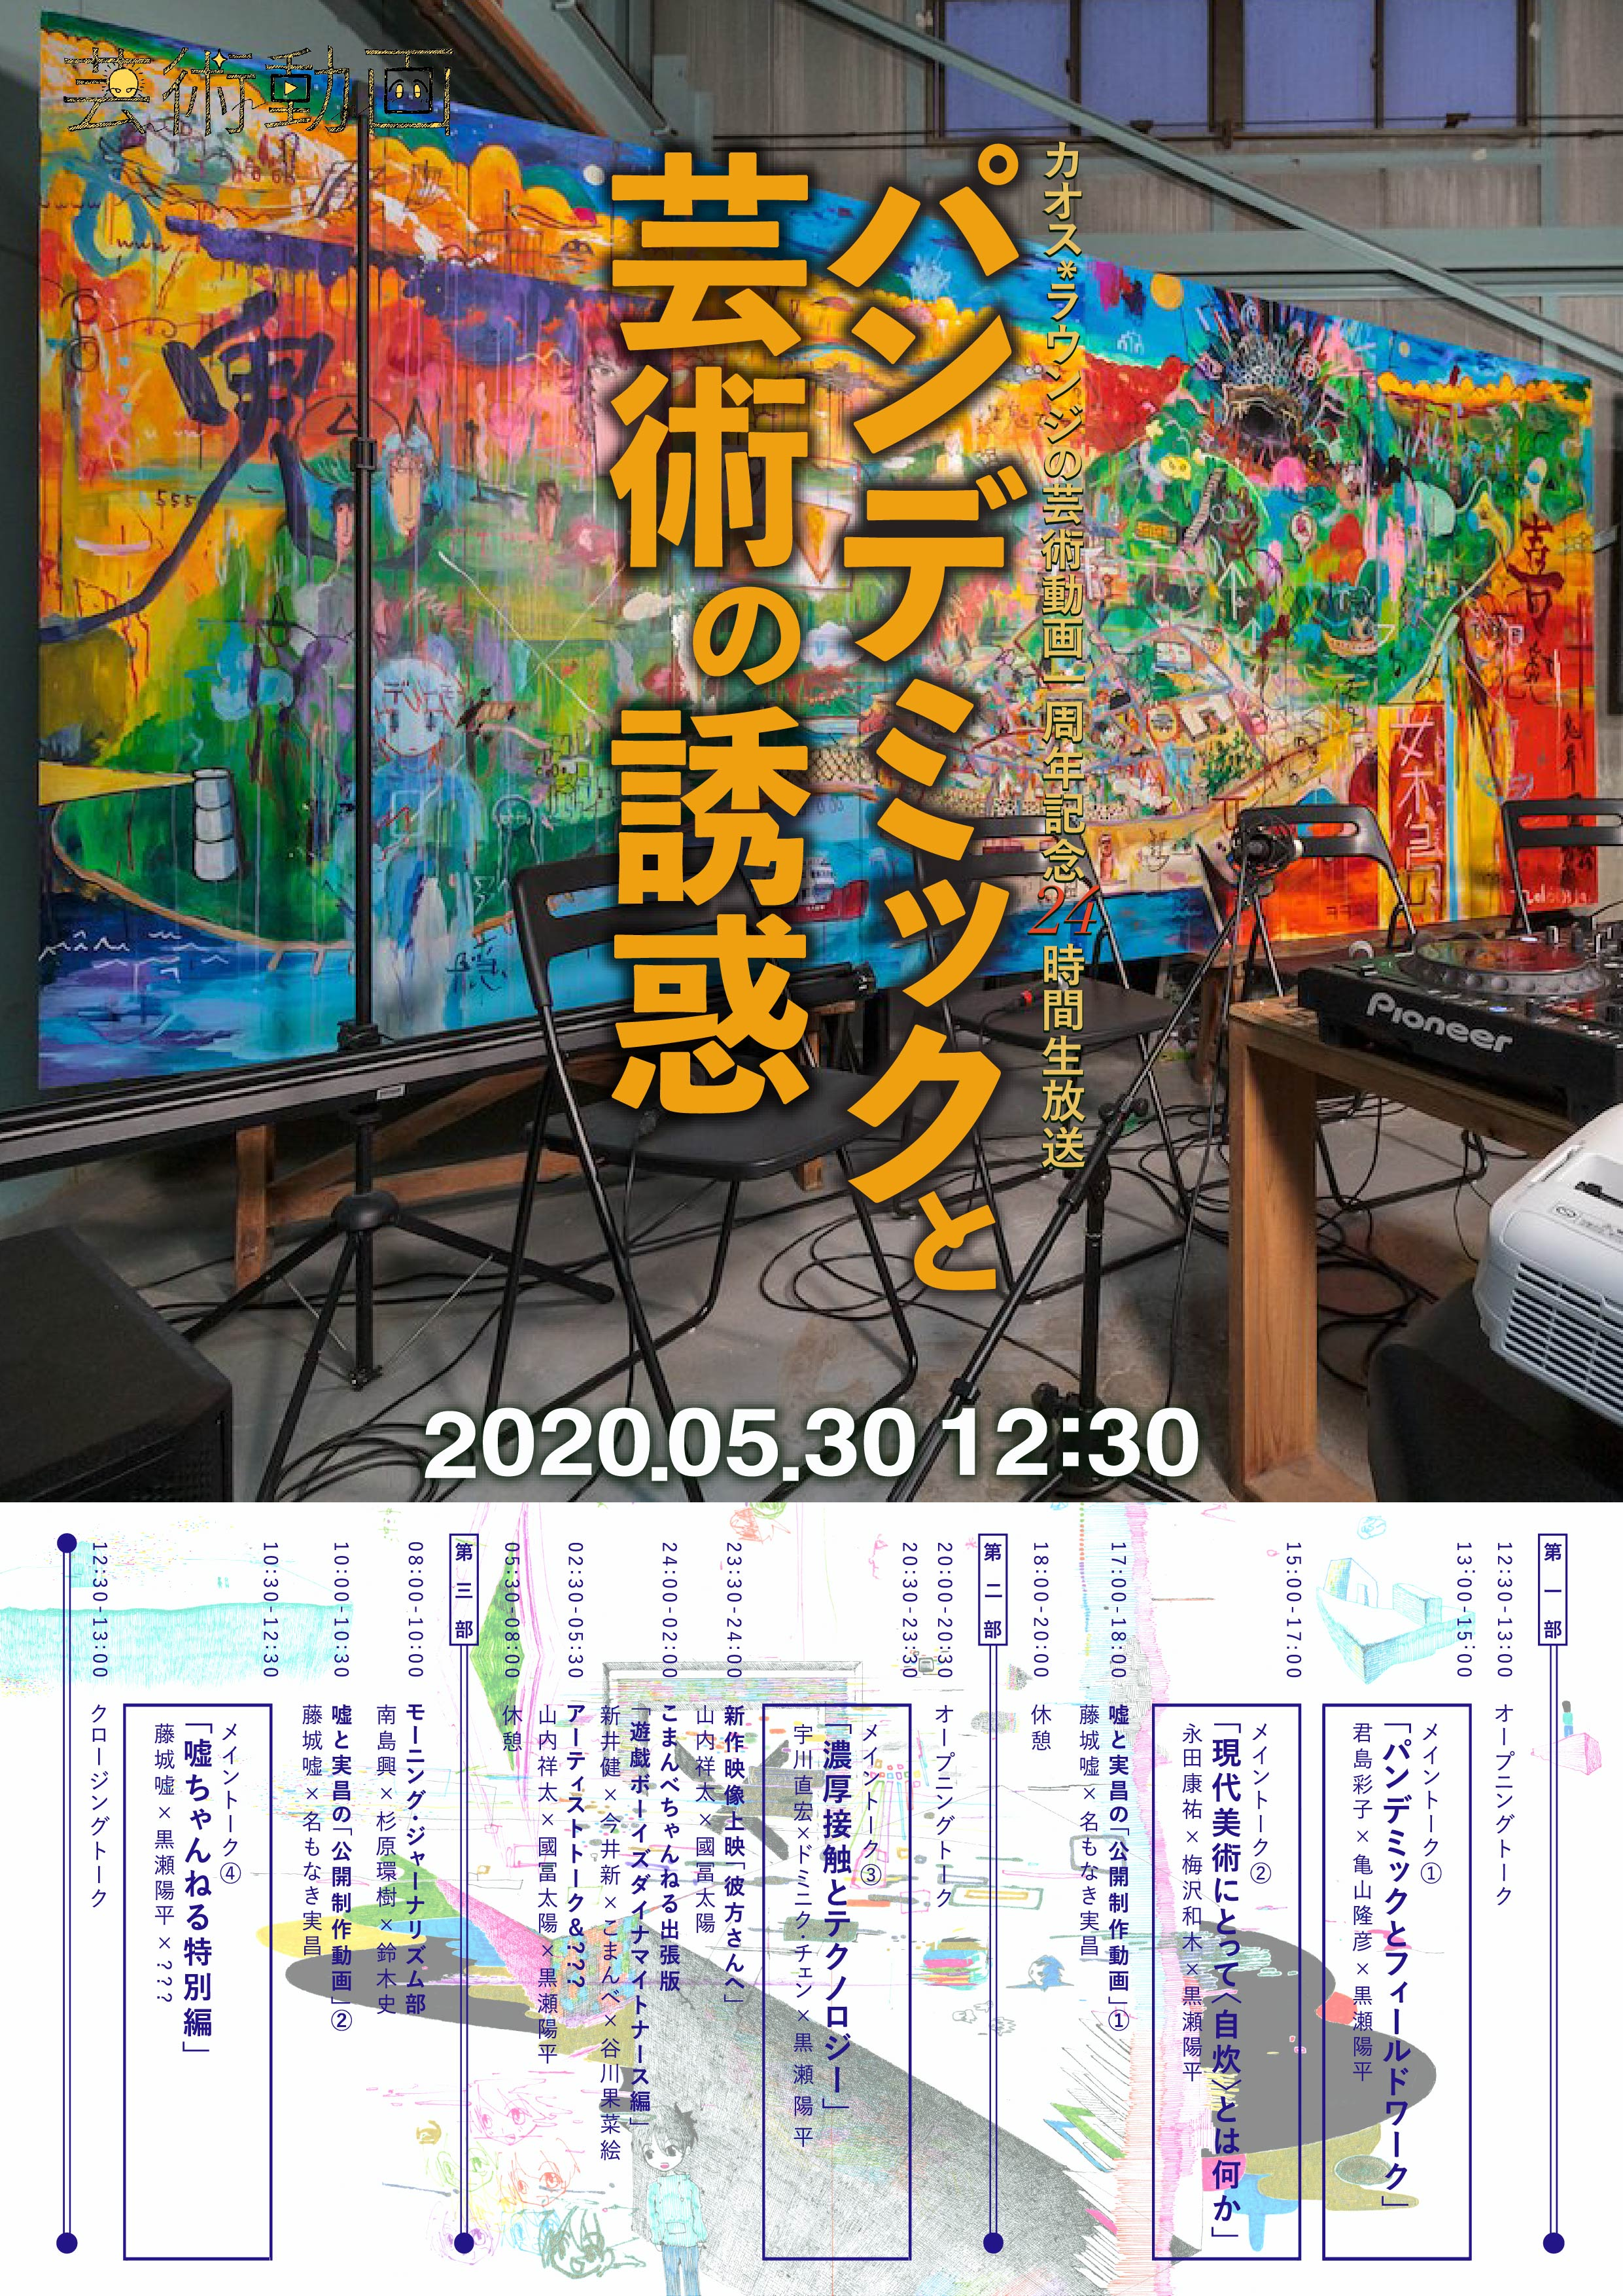 【カオス*ラウンジの芸術動画】1周年記念24時間放送!